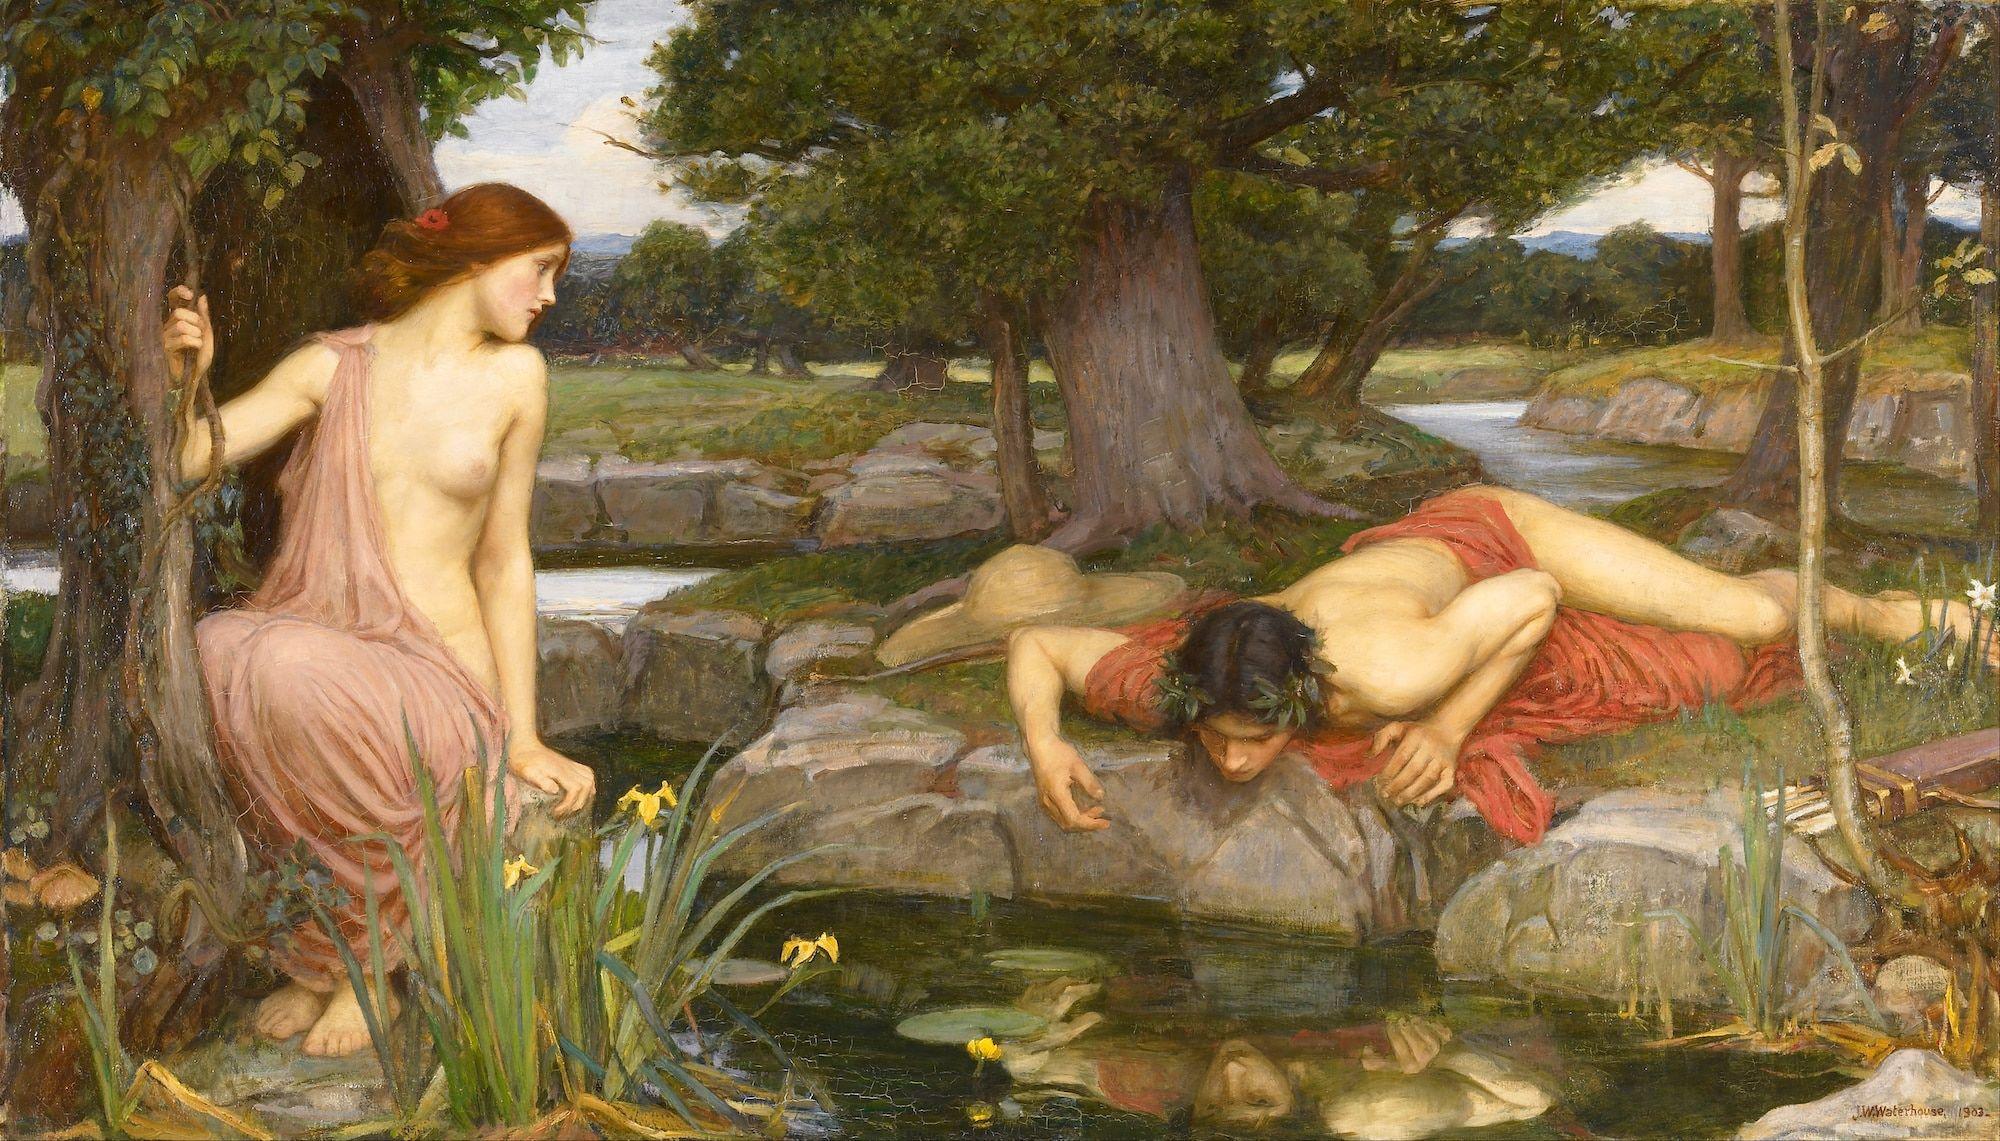 Il mito di Eco e Narciso: La ninfa Eco e la Dipendenza Affettiva | Dipendiamo.blog